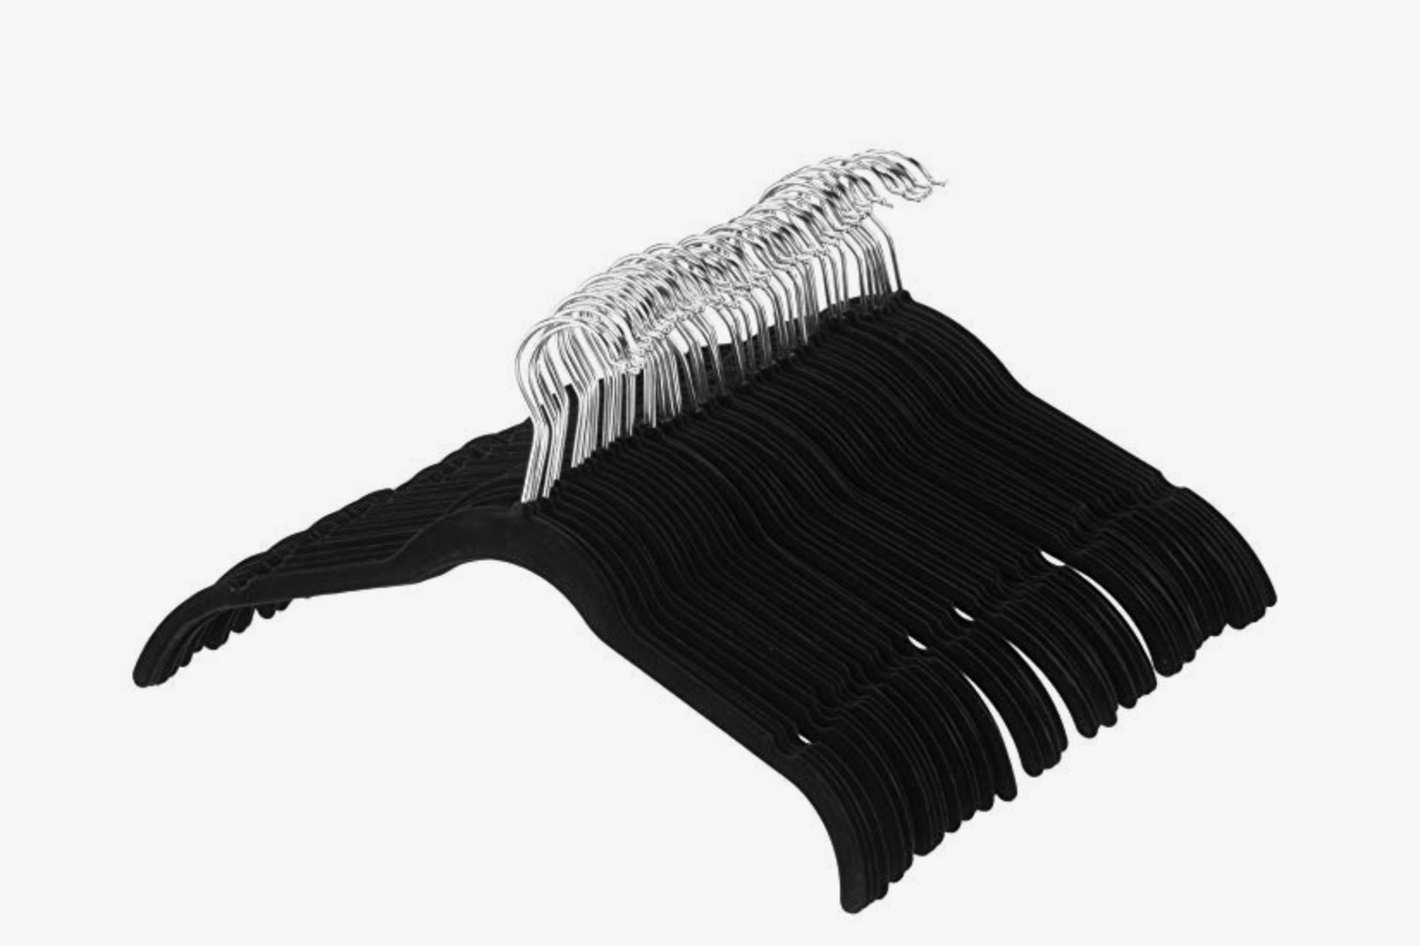 AmazonBasics 100-Pack Velvet Shirt Dress Clothes Hangers